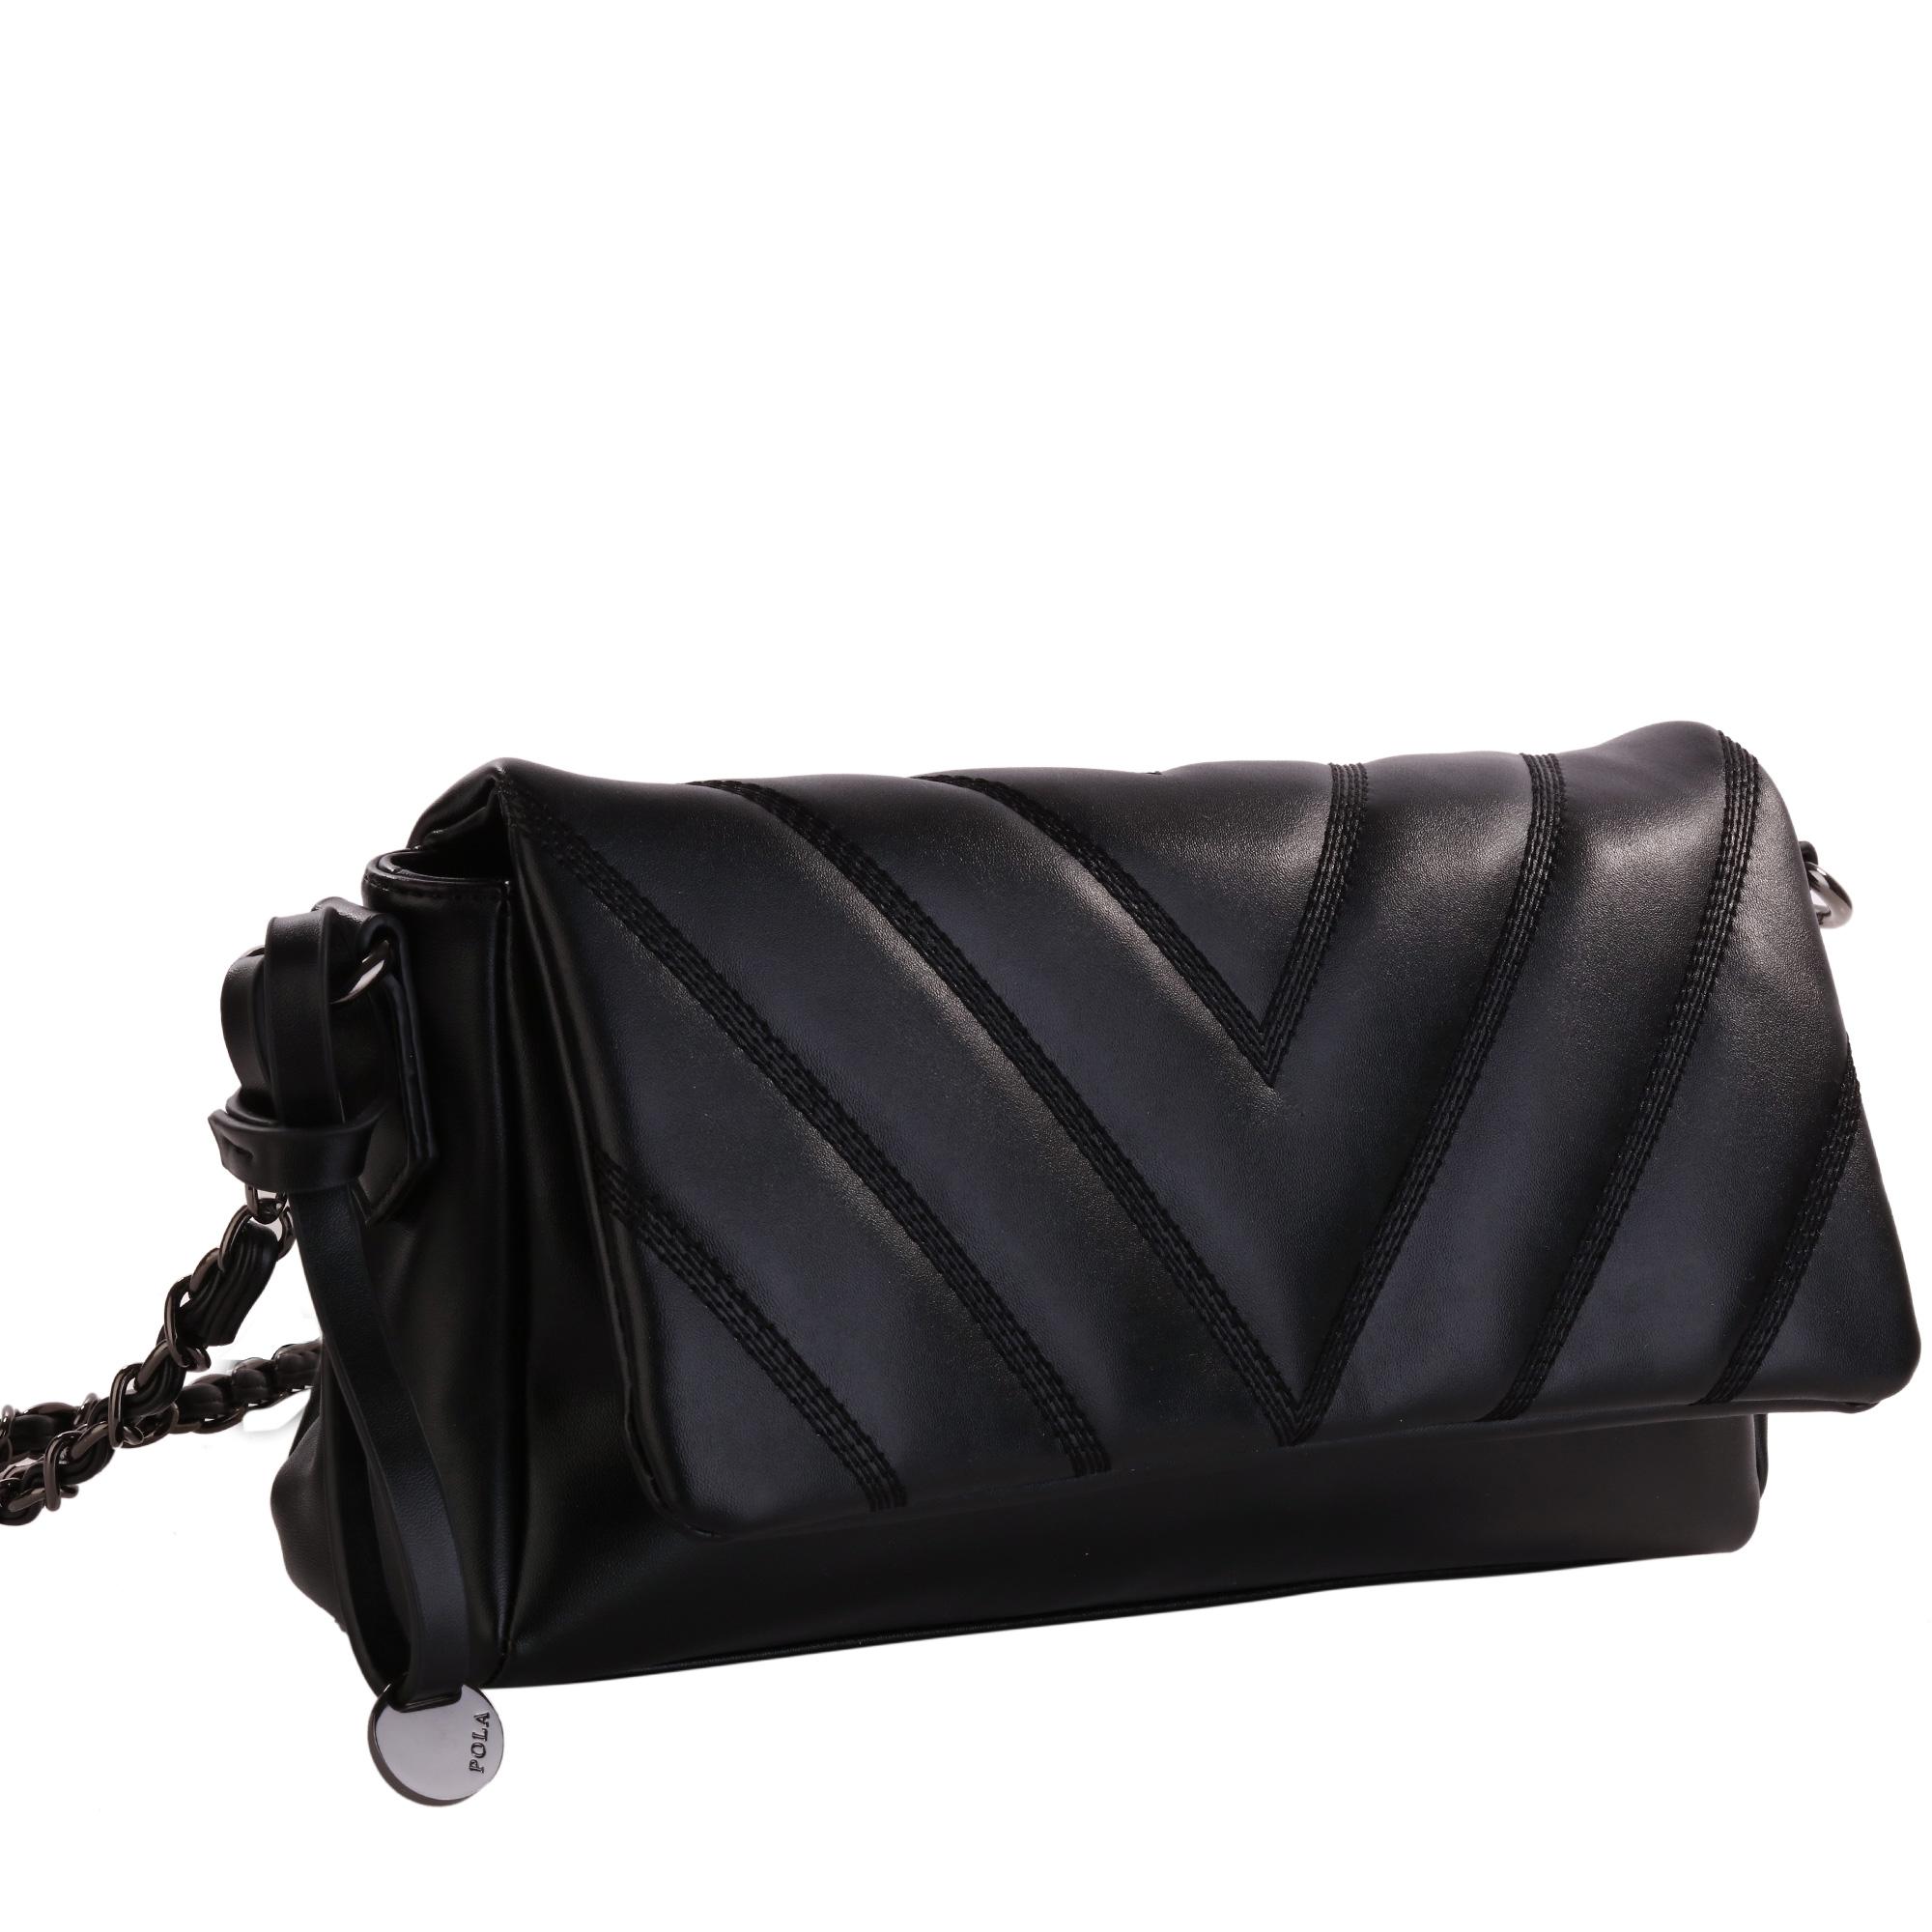 Клатч женский Pola, цвет: черный. 8277S76245Женская сумка Pola выполнена из экокожи. Основное отделение закрывается клапаном на магнитной кнопке, и застегивается на молнию. Внутри один карман на молнии и два открытых кармана. В комплекте съемный плечевой ремень, нерегулируемый по длине. Цвет фурнитуры - черный.